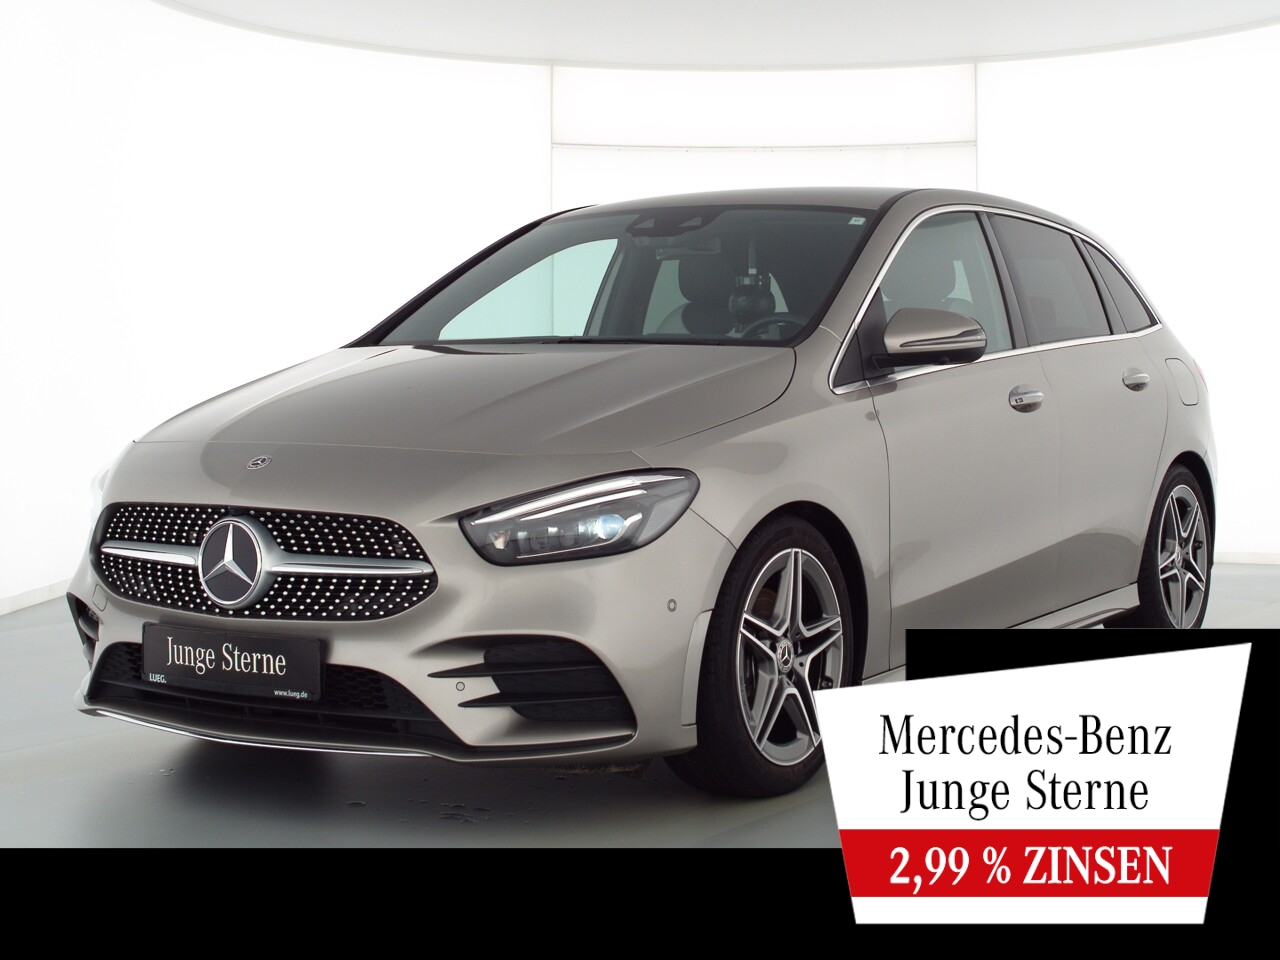 Mercedes-Benz B 160 AMG+MBUX+Mbeam+Sitzkl+Sound+KeyGo+HUD+360°, Jahr 2019, Benzin